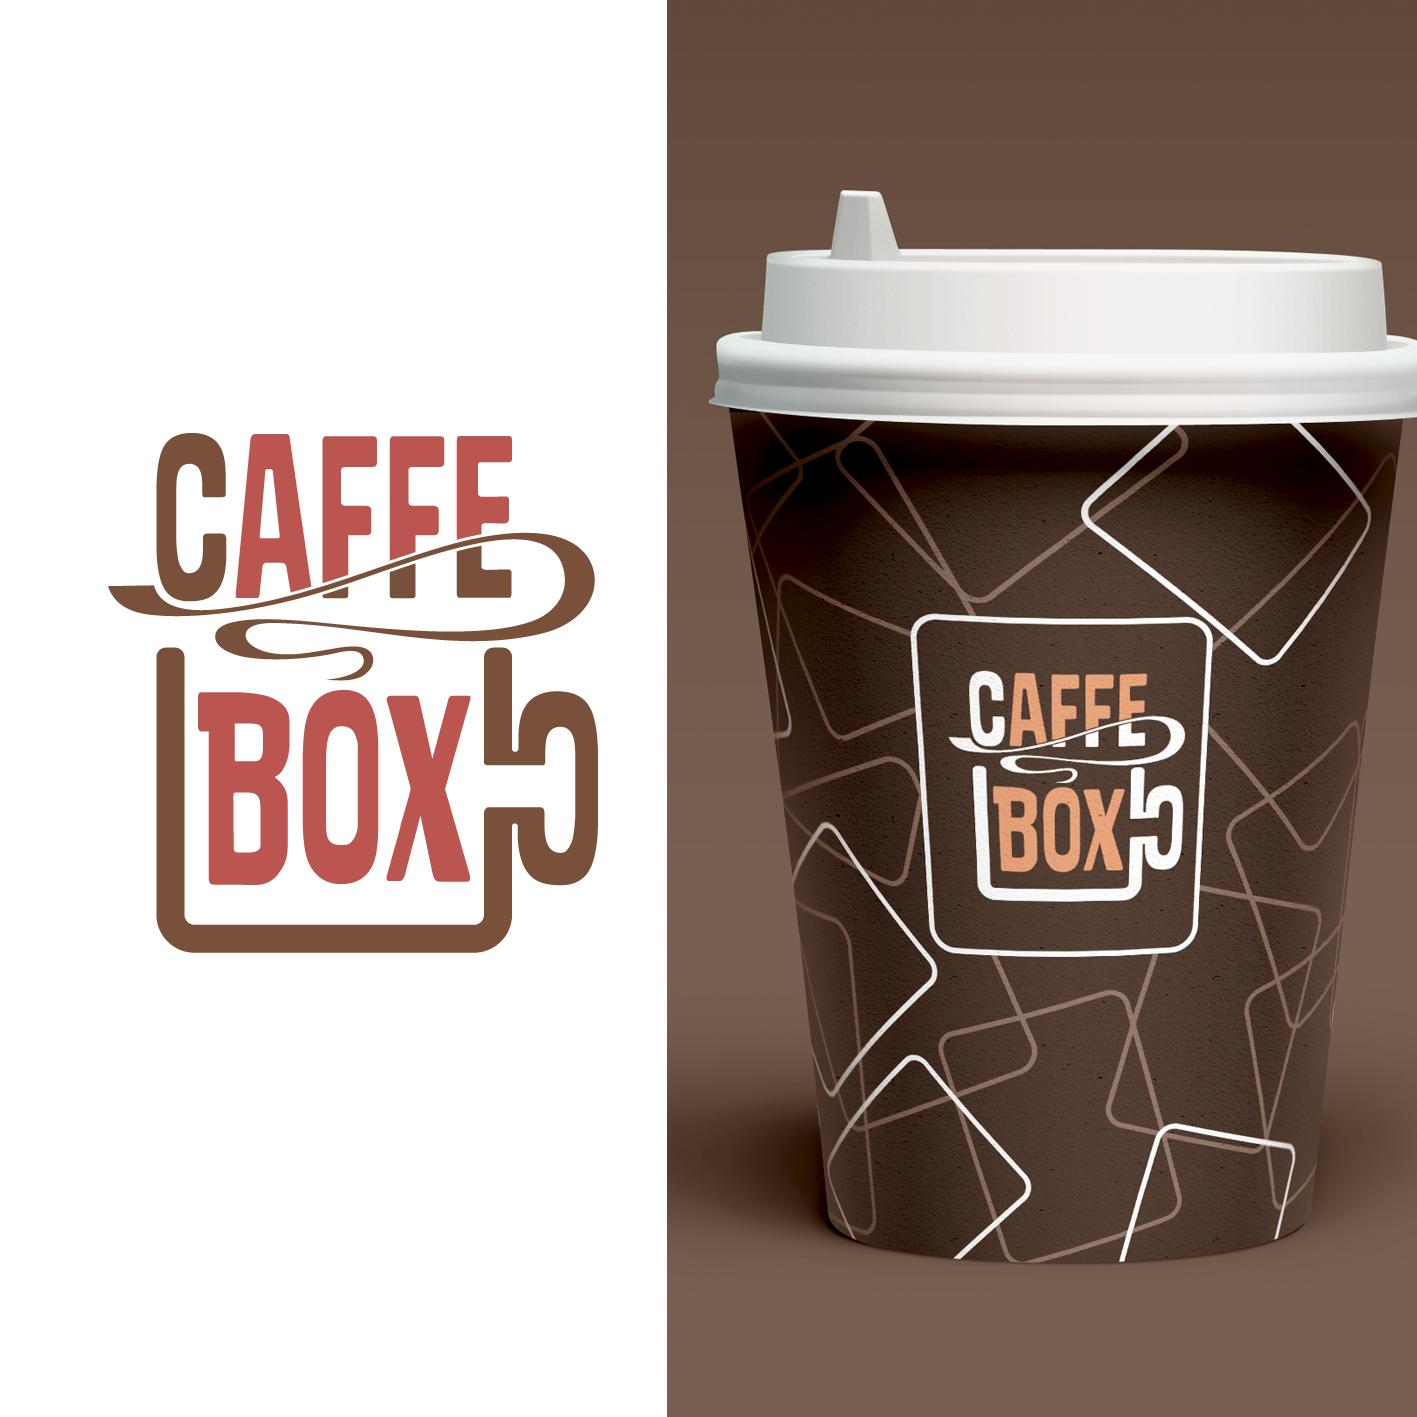 Требуется очень срочно разработать логотип кофейни! фото f_3935a0b3f537832b.png